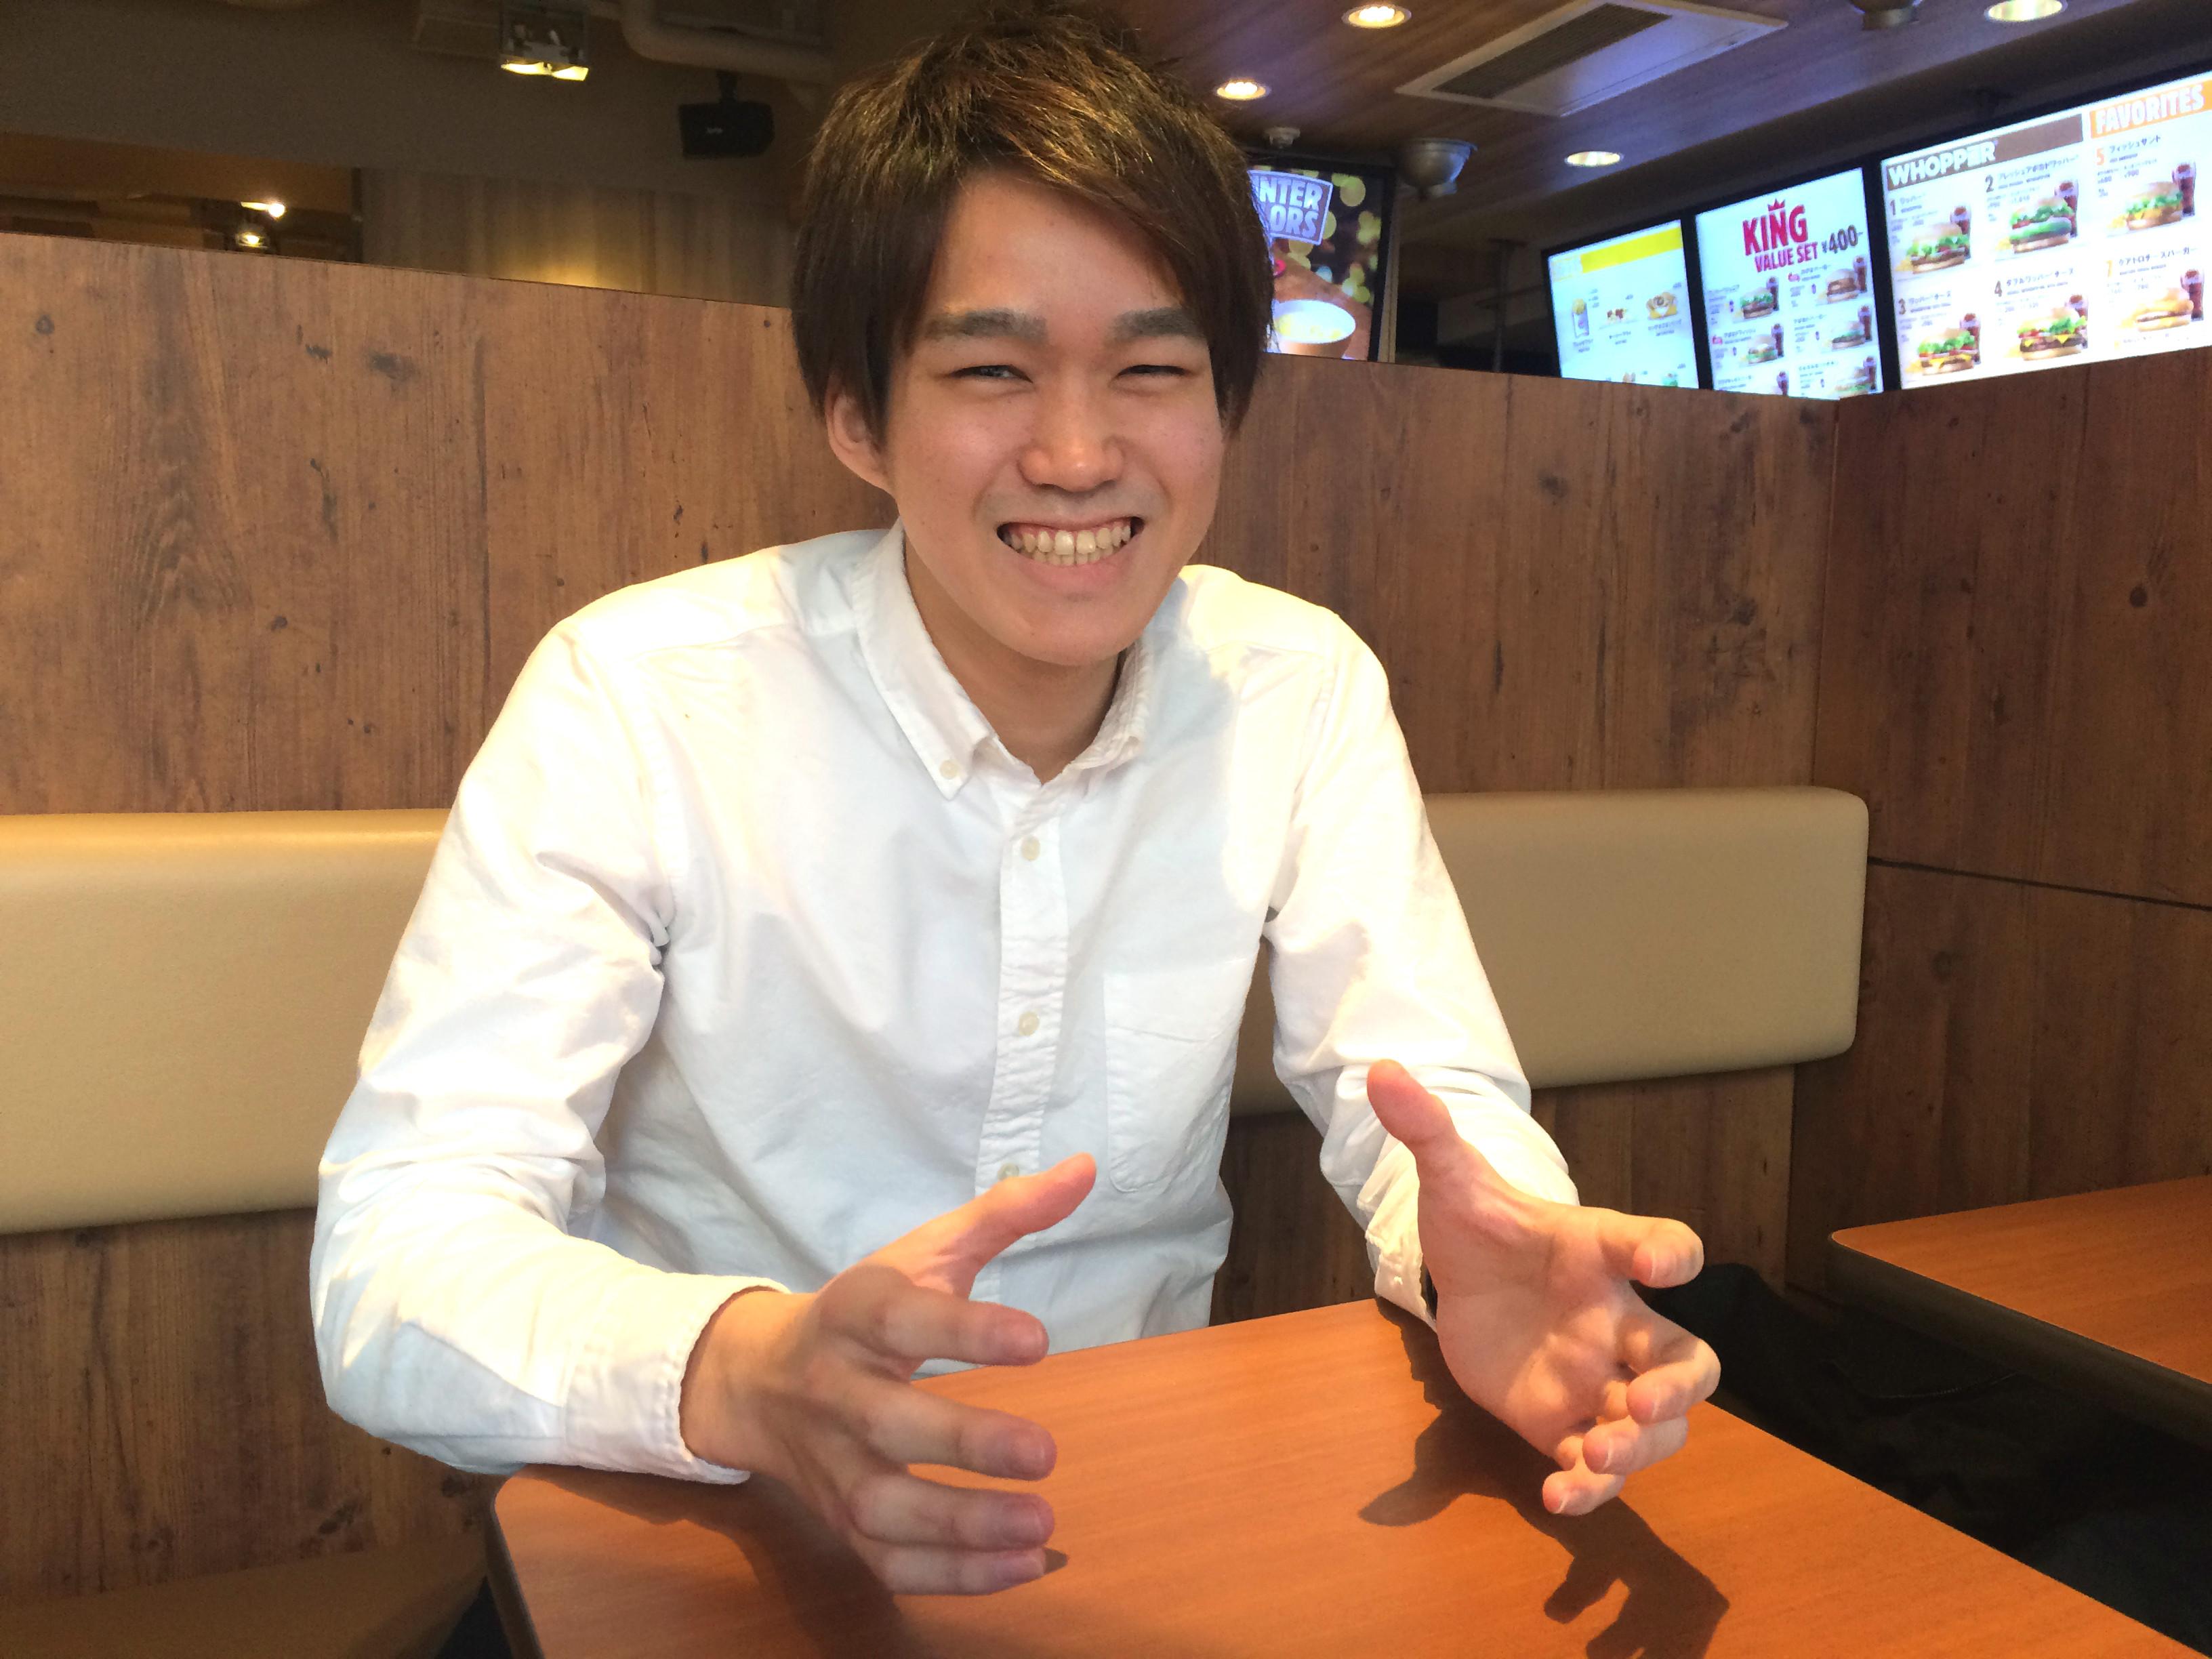 月間収益39万!プロ大学生ブロガーの八木仁平にブログの極意を聞いてきました。